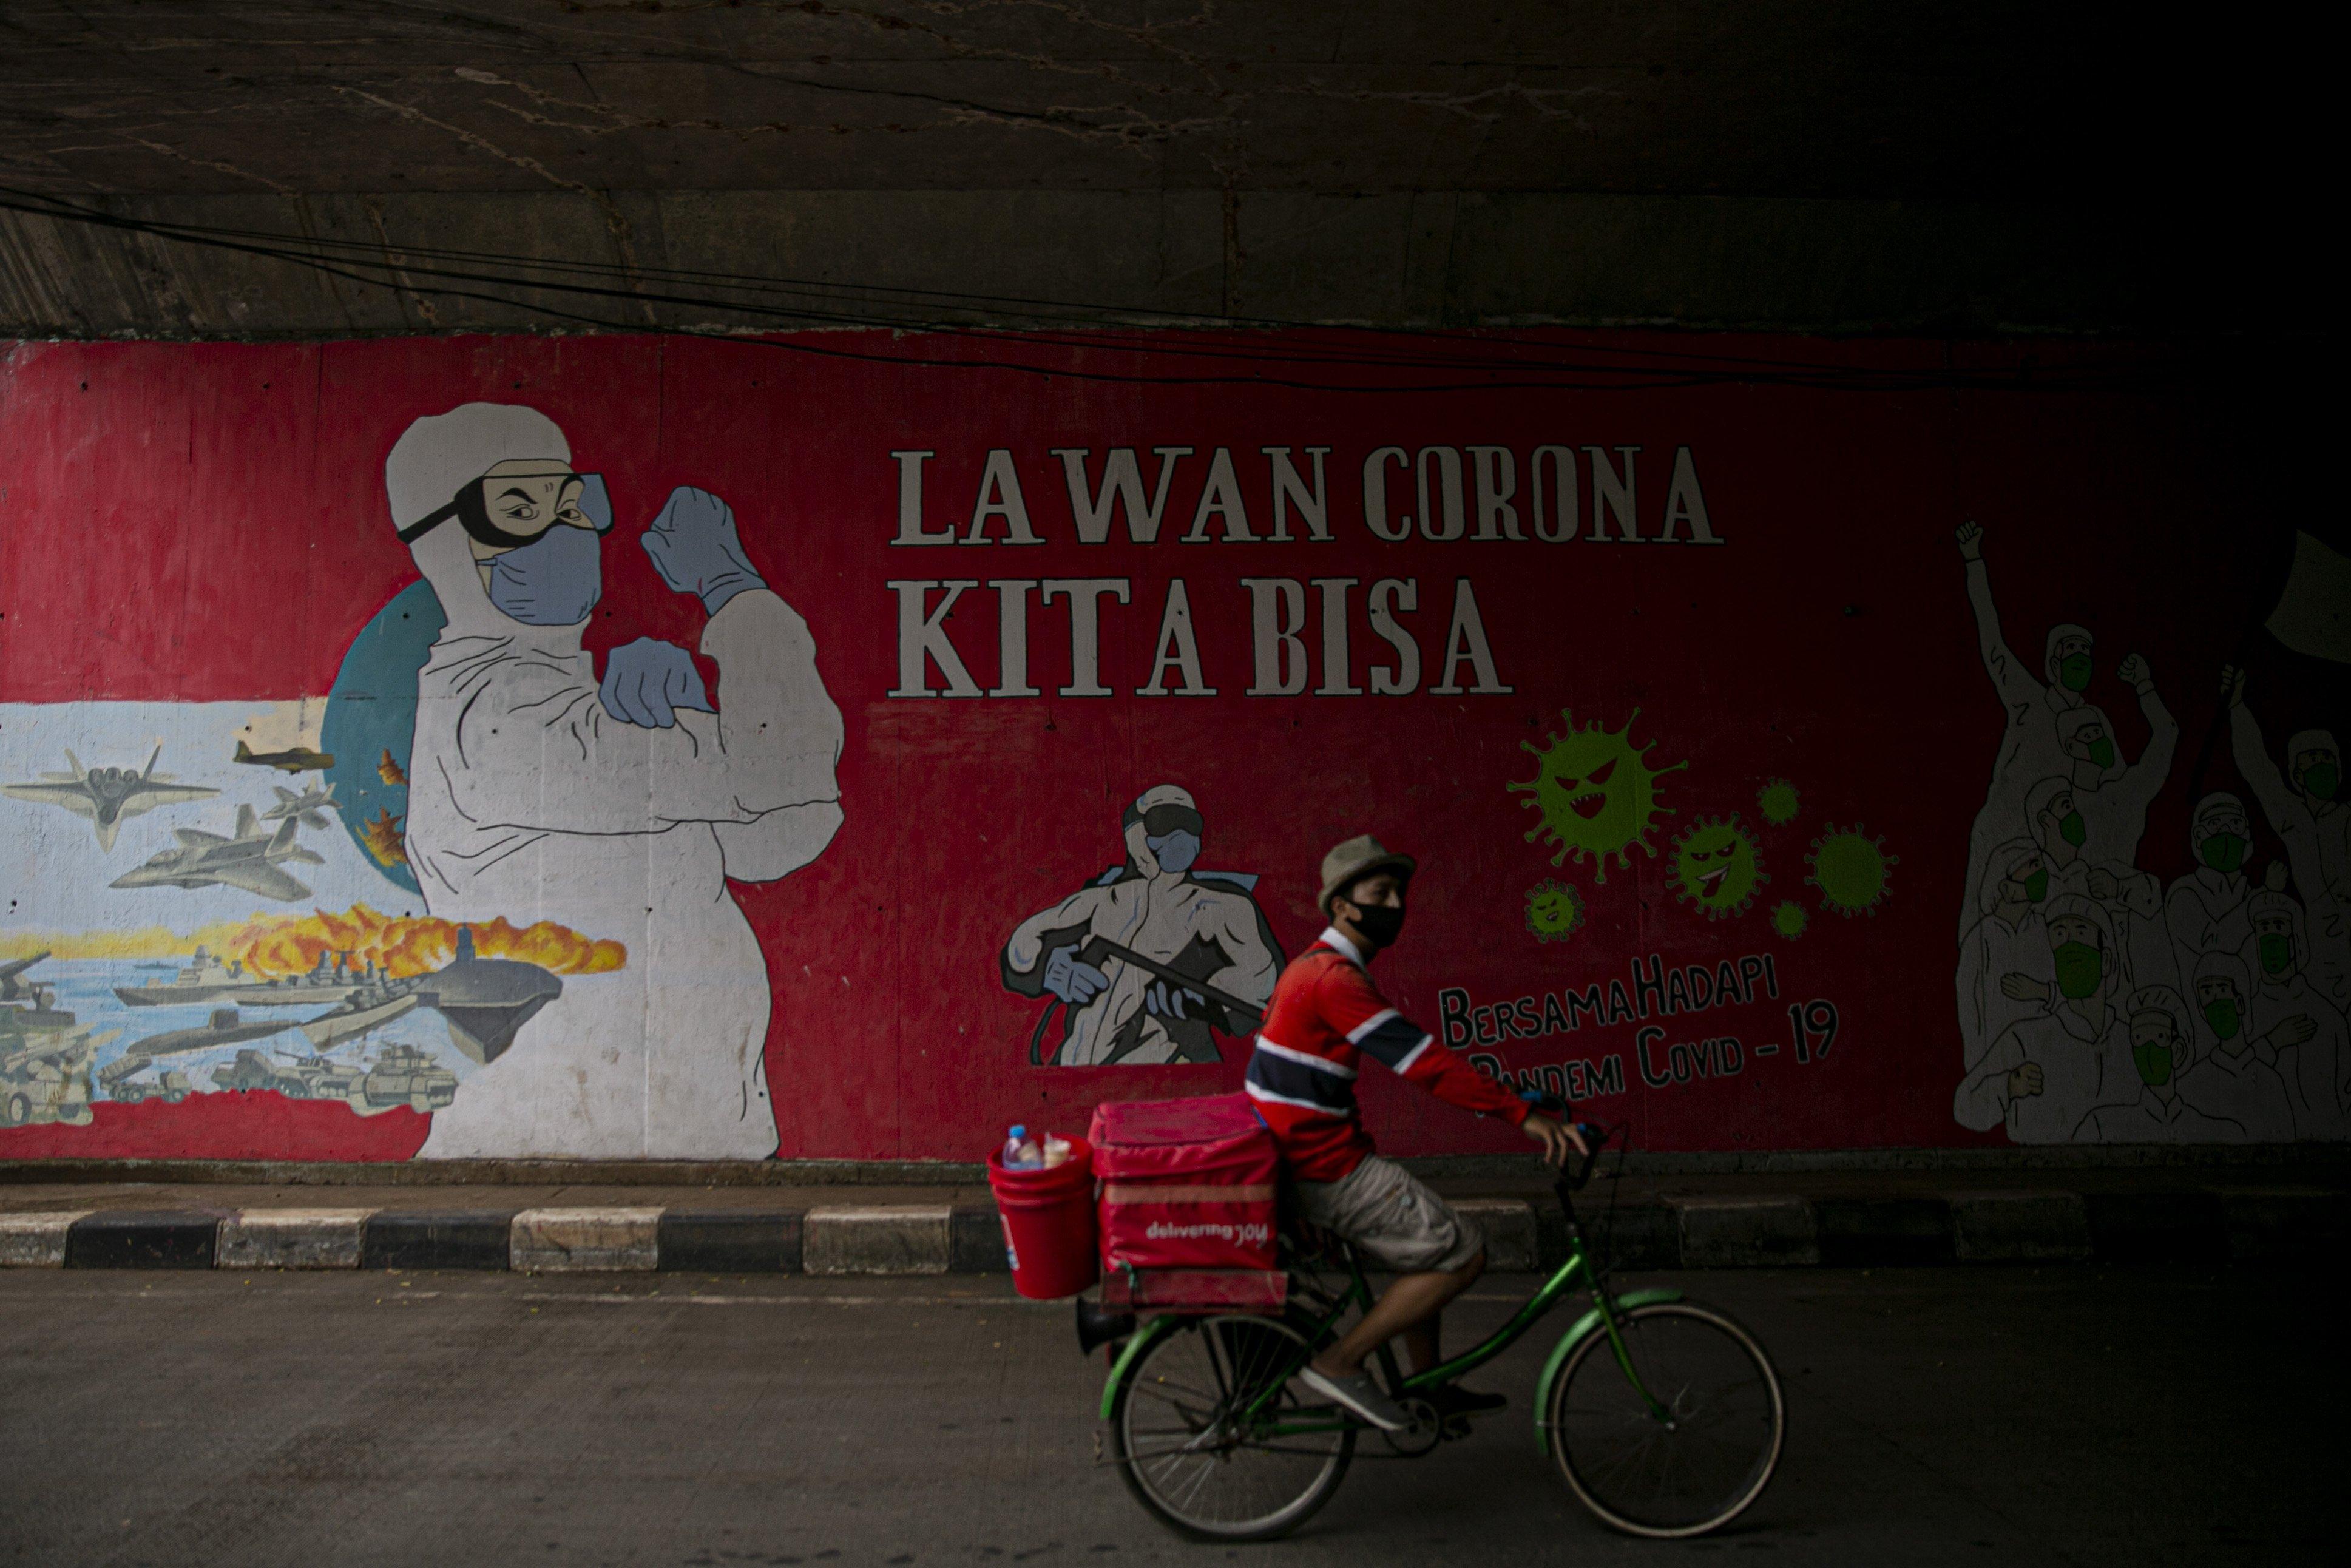 Pengendara motor melintas di depan mural tentang pandemi COVID-19 di kawasan Pancoran, Jakarta, Senin (19/10/2020). Indonesia menempati peringkat pertama kasus terbanyak dan angka kematian akibat COVID-19 di Asia Tenggara dengan total 361.867 kasus konfirmasi dan meninggal sebanyak 12.511.